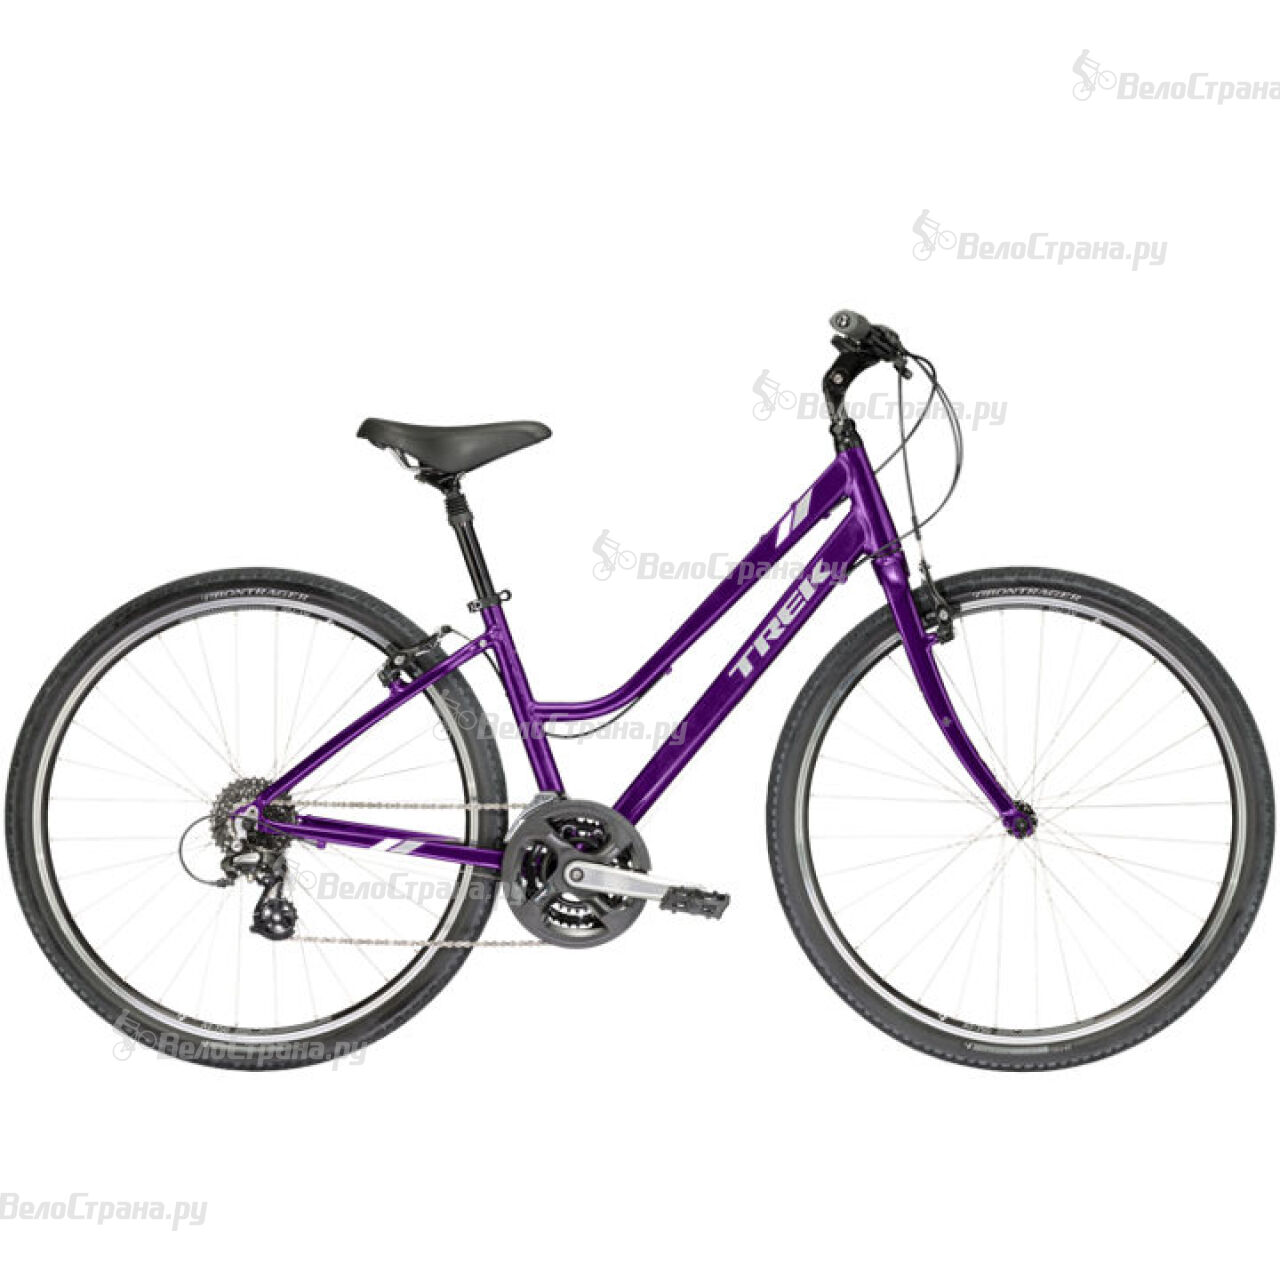 Велосипед Trek Verve 2 WSD (2017) велосипед trek 7 2 fx wsd 2016